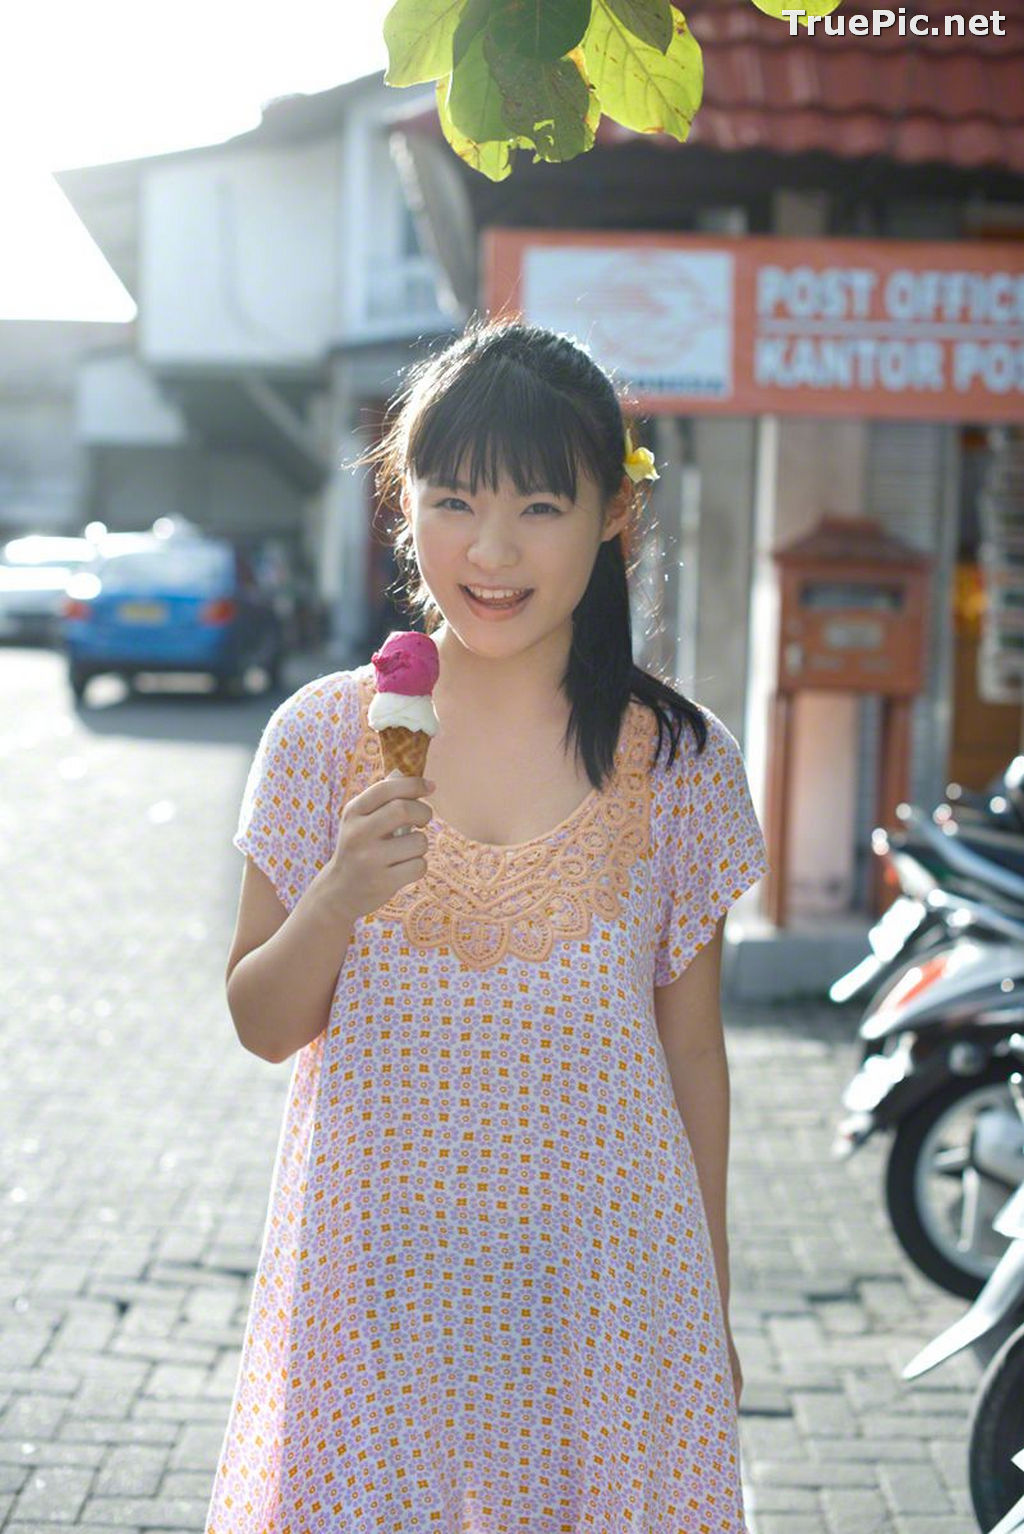 Image Wanibooks NO.121 - Japanese Gravure Idol - Mizuki Hoshina - TruePic.net - Picture-3